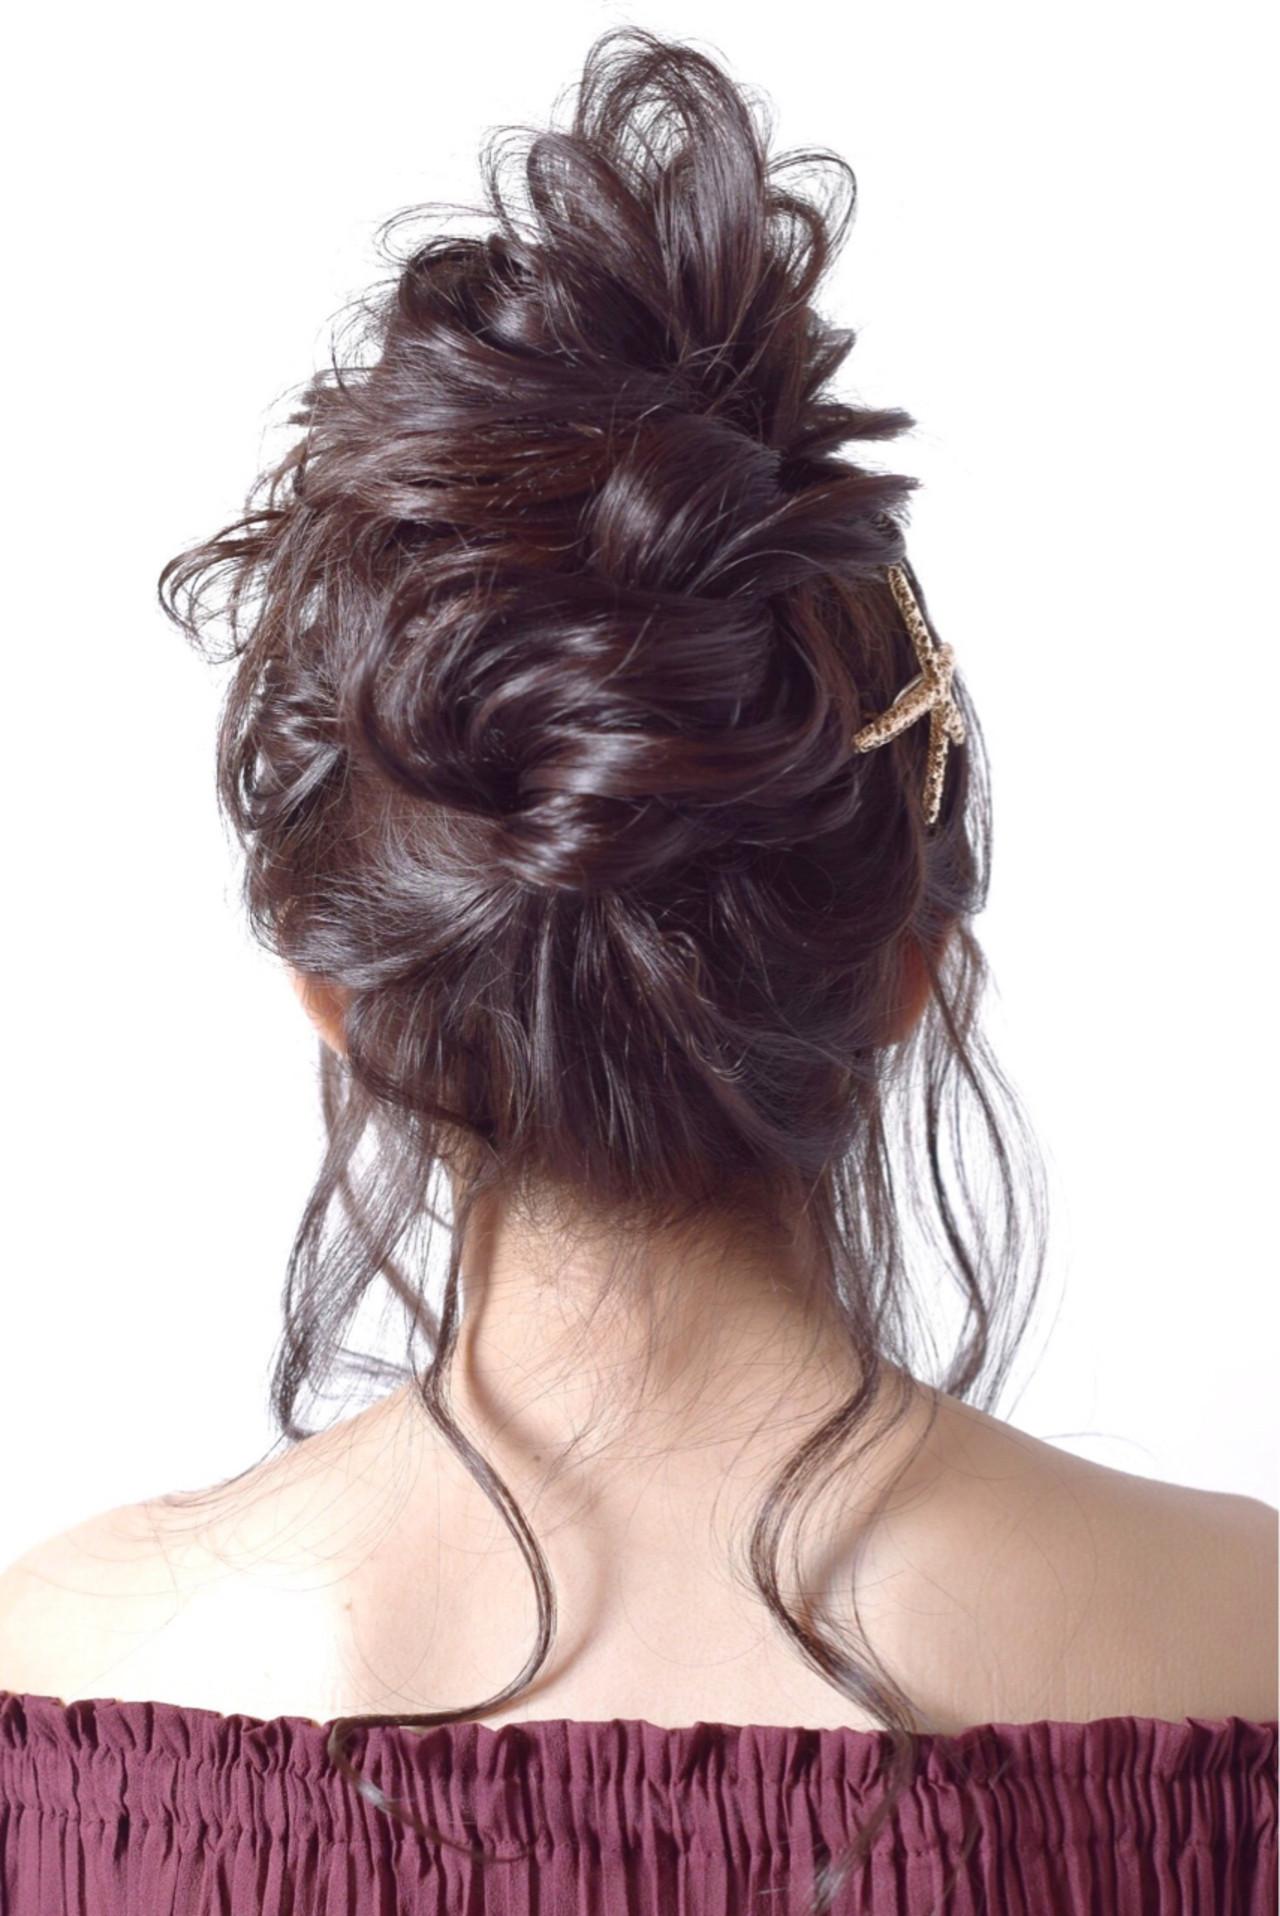 ヘアアレンジ お団子 ロング パーティ ヘアスタイルや髪型の写真・画像